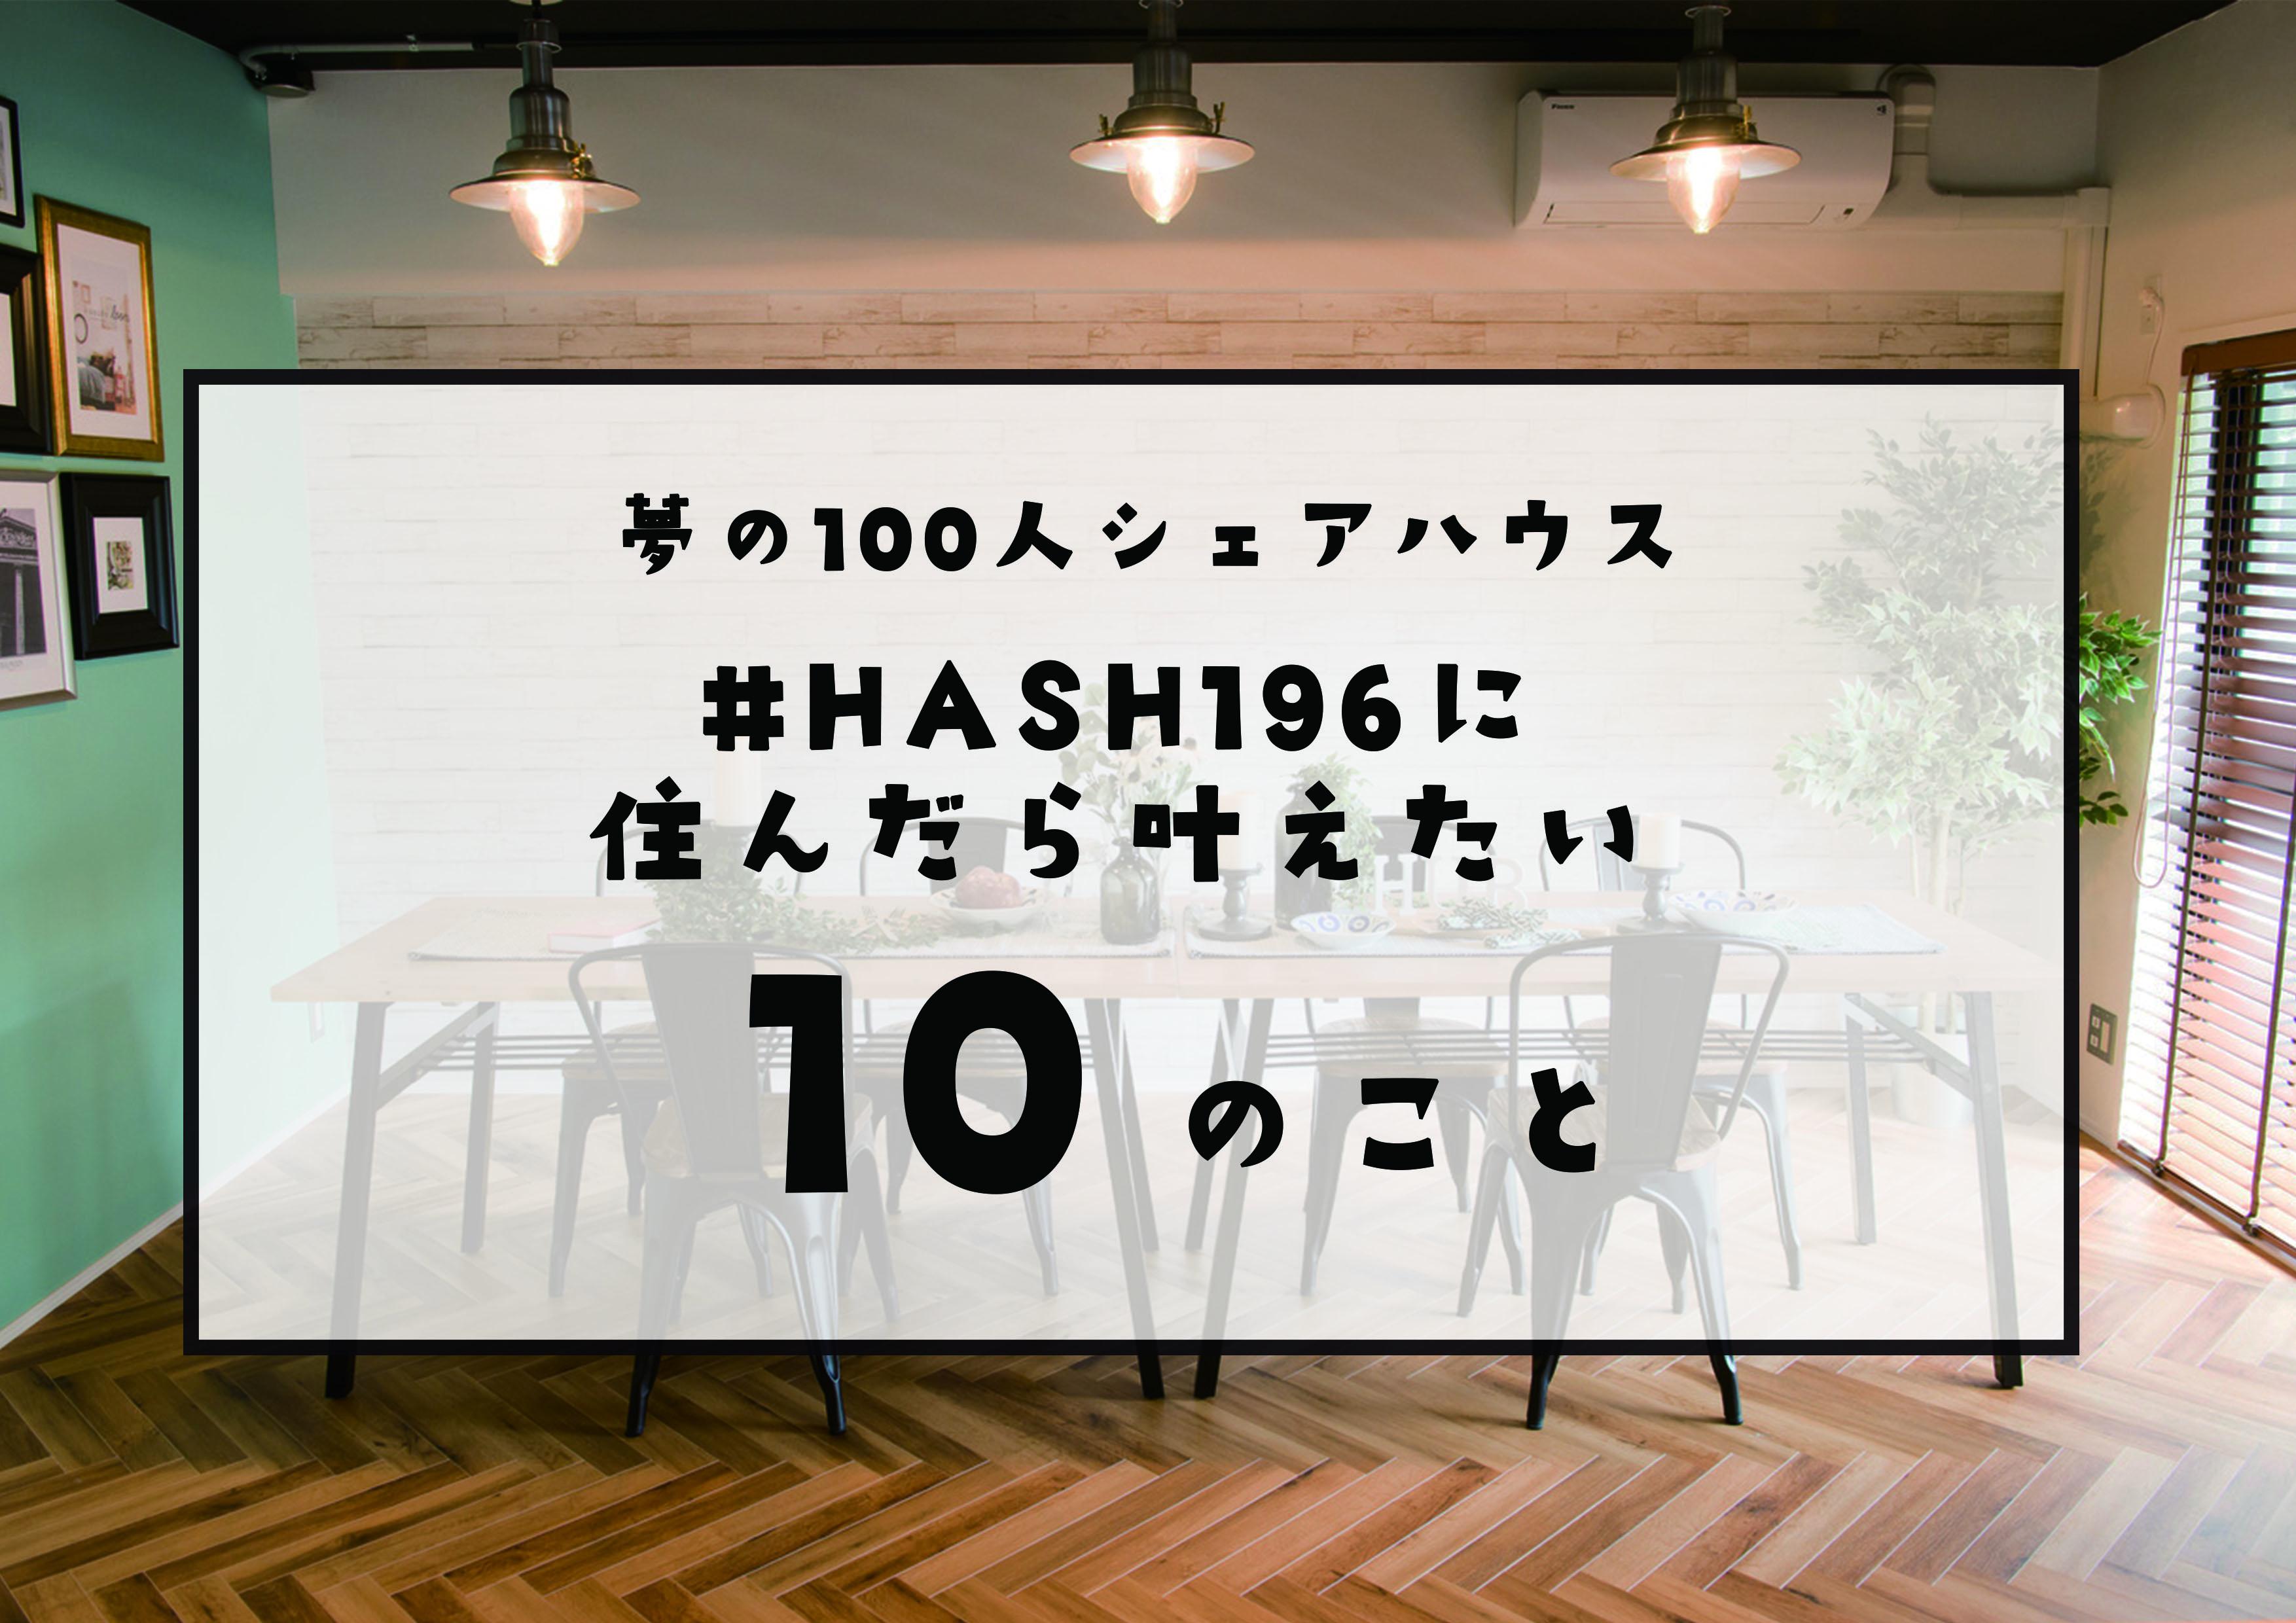 #HASH196に住んだら叶えたい10のこと-夢を叶えるシェアハウス-